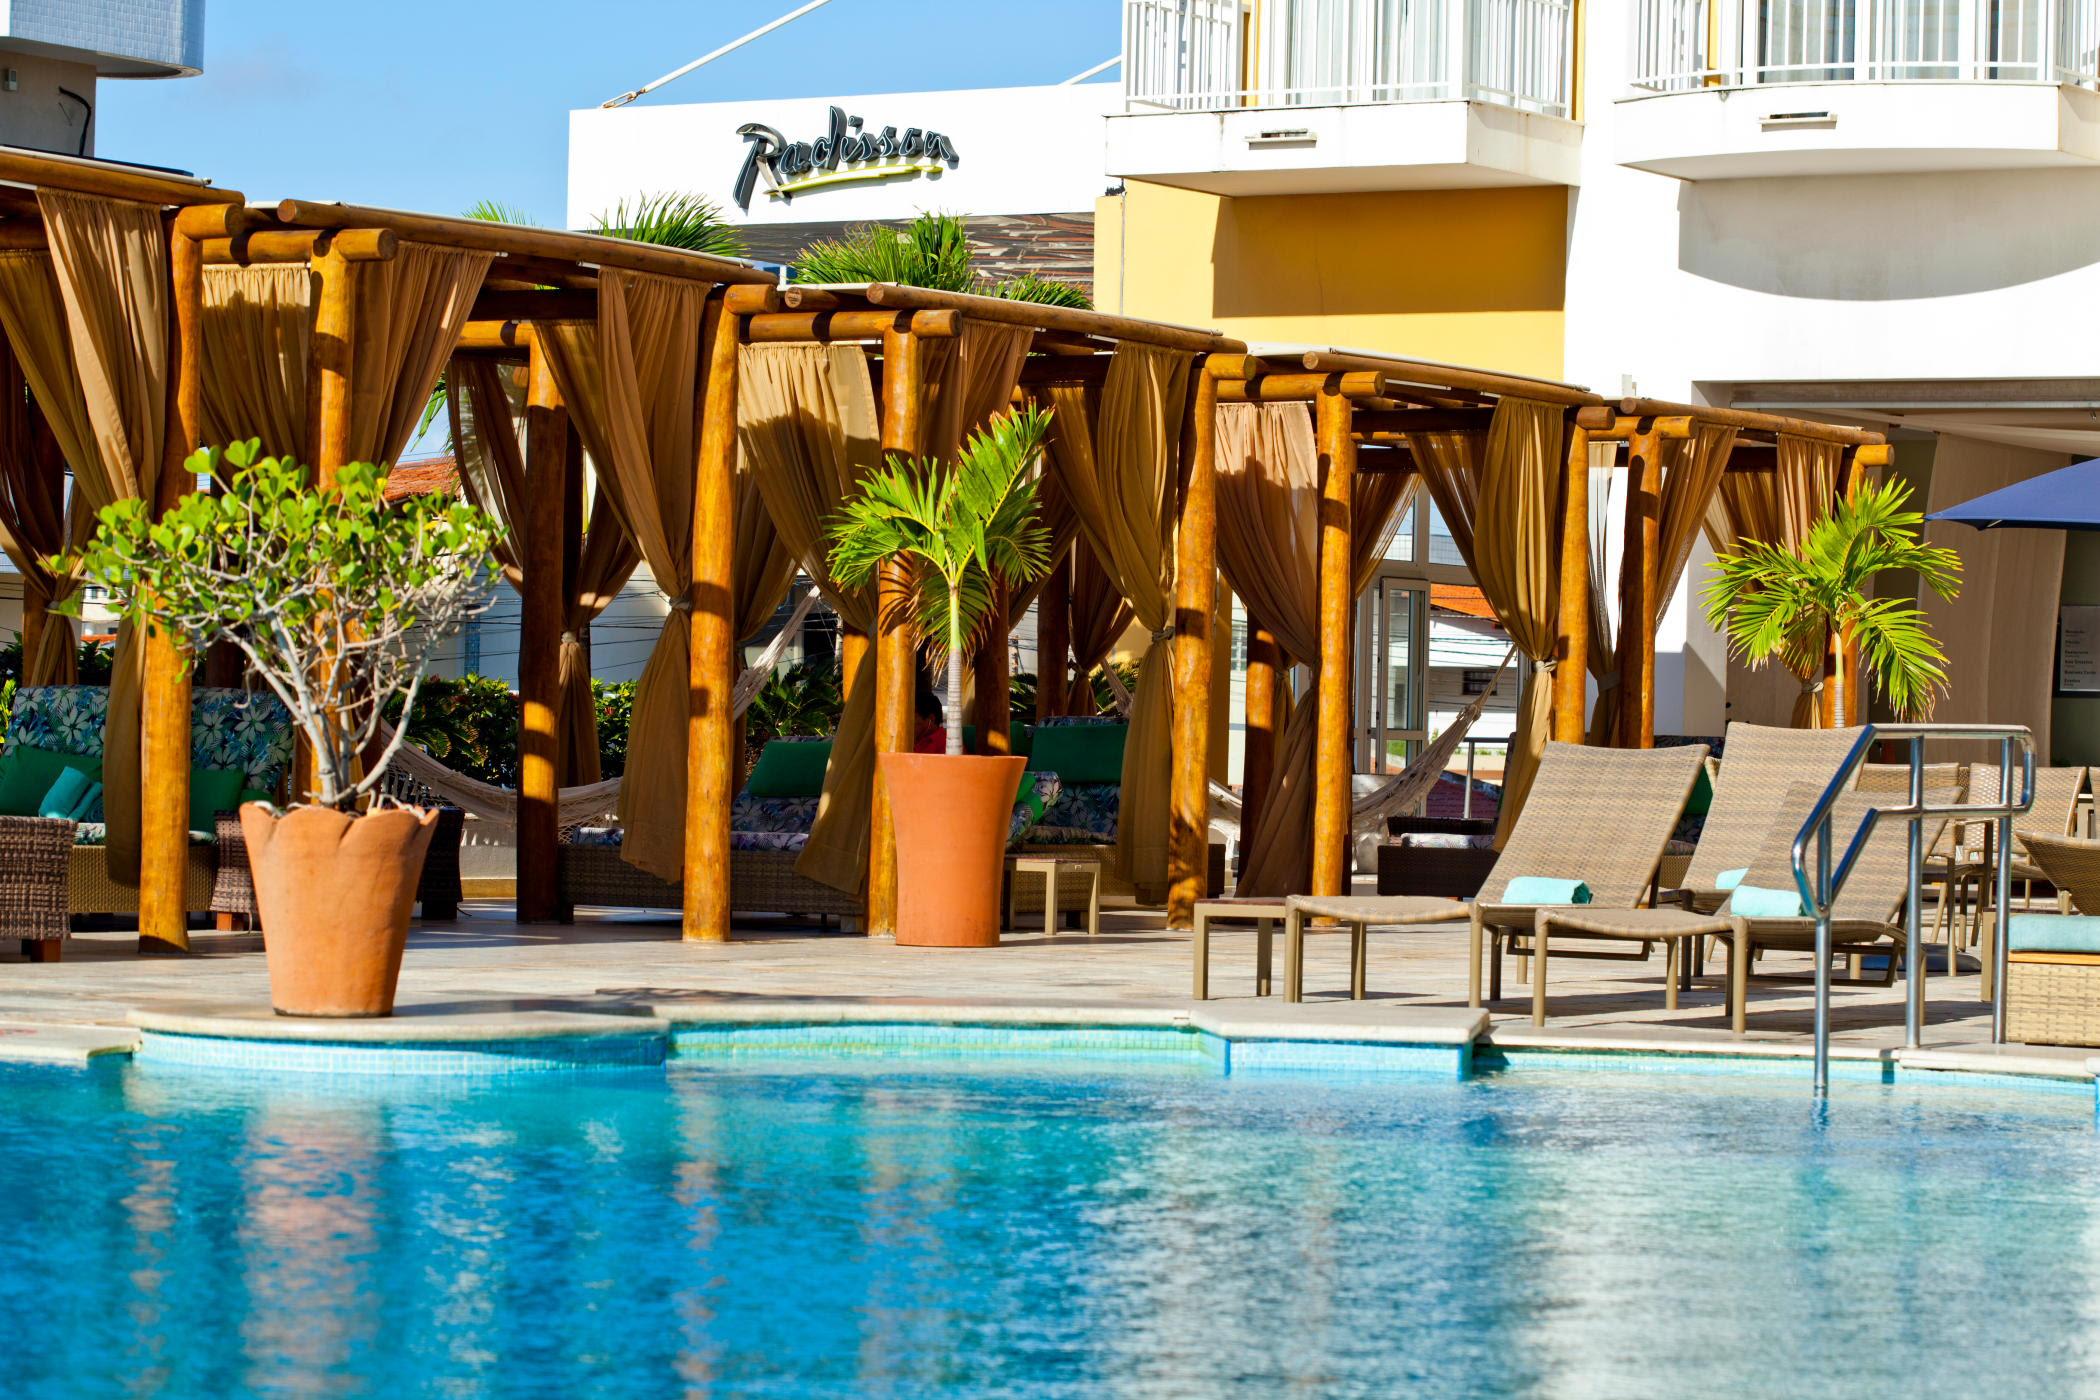 Curta o verão no litoral de Sergipe no Radisson Hotel Aracaju